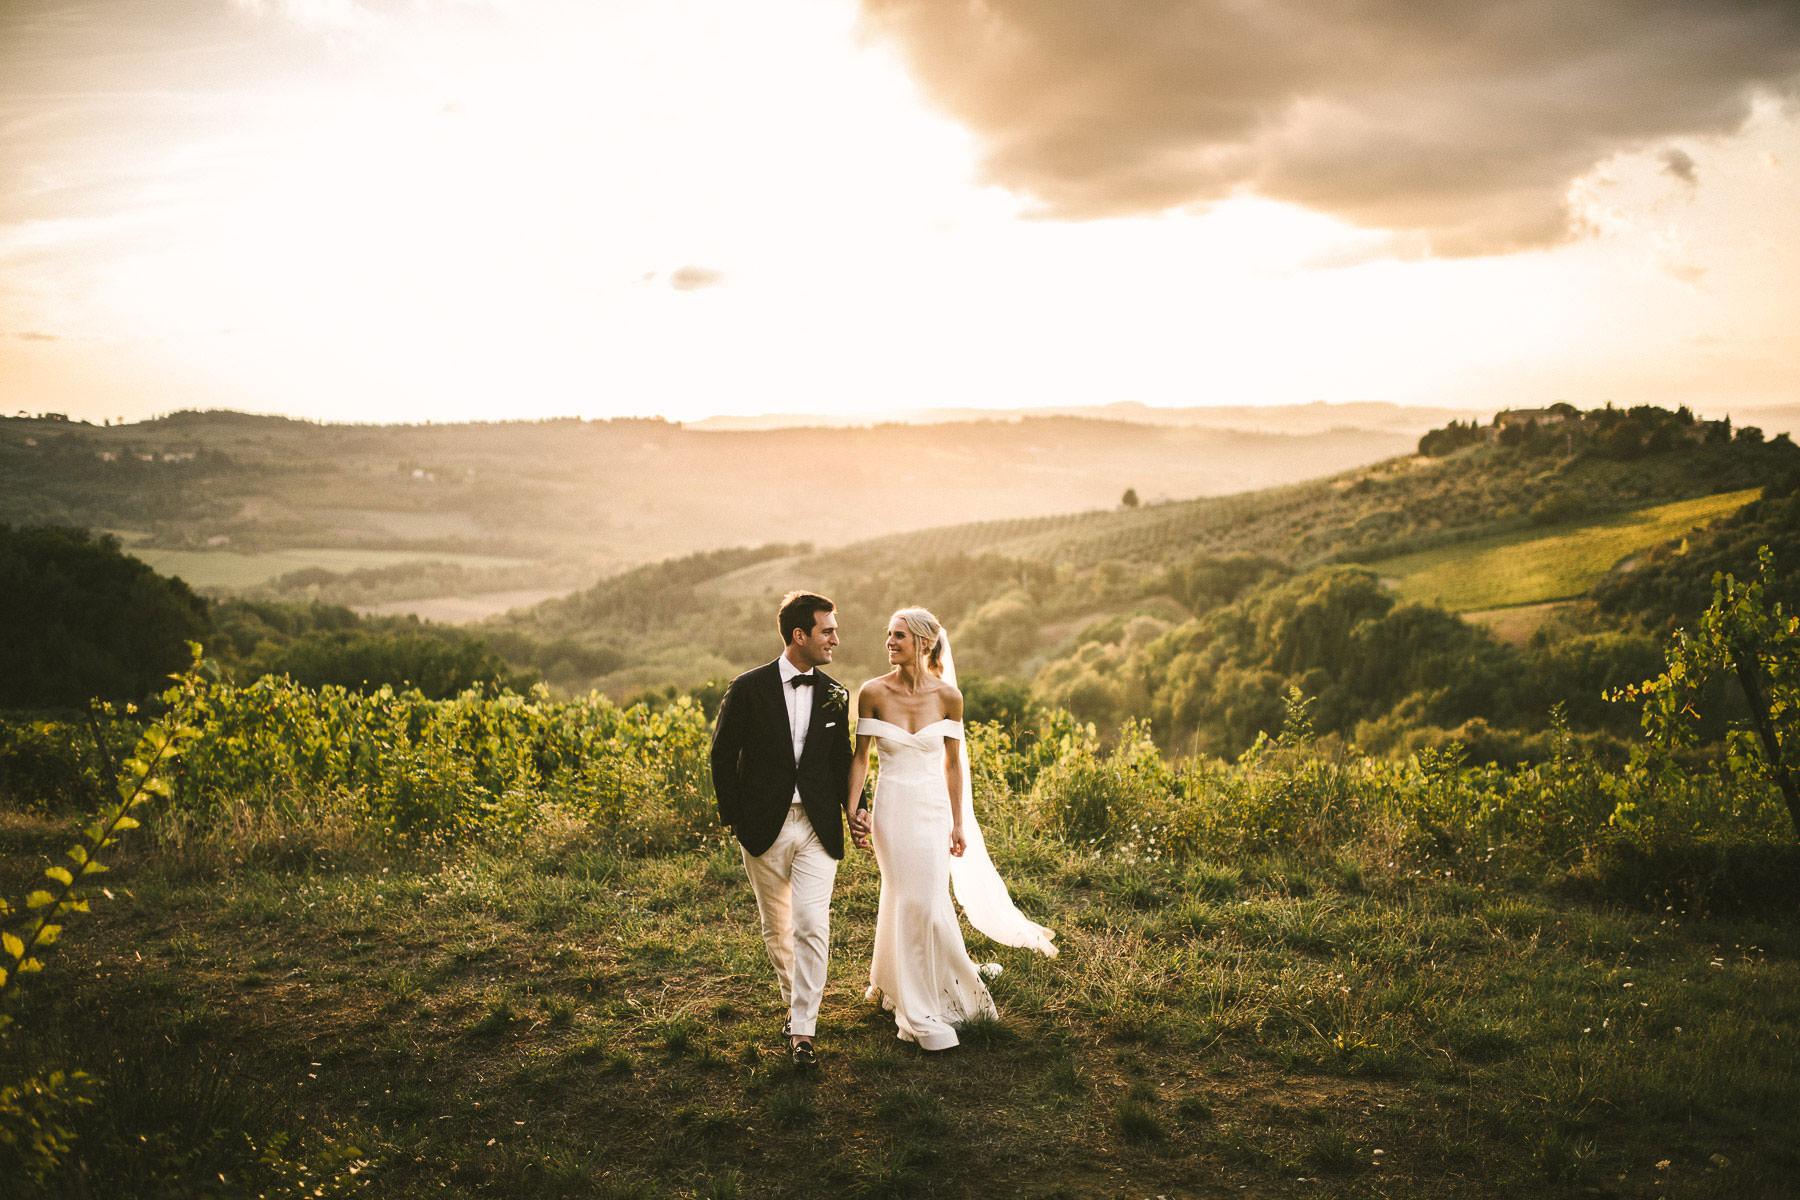 A classy and poetic wedding in Tuscany at Villa Il Poggiale? A dream coming true!